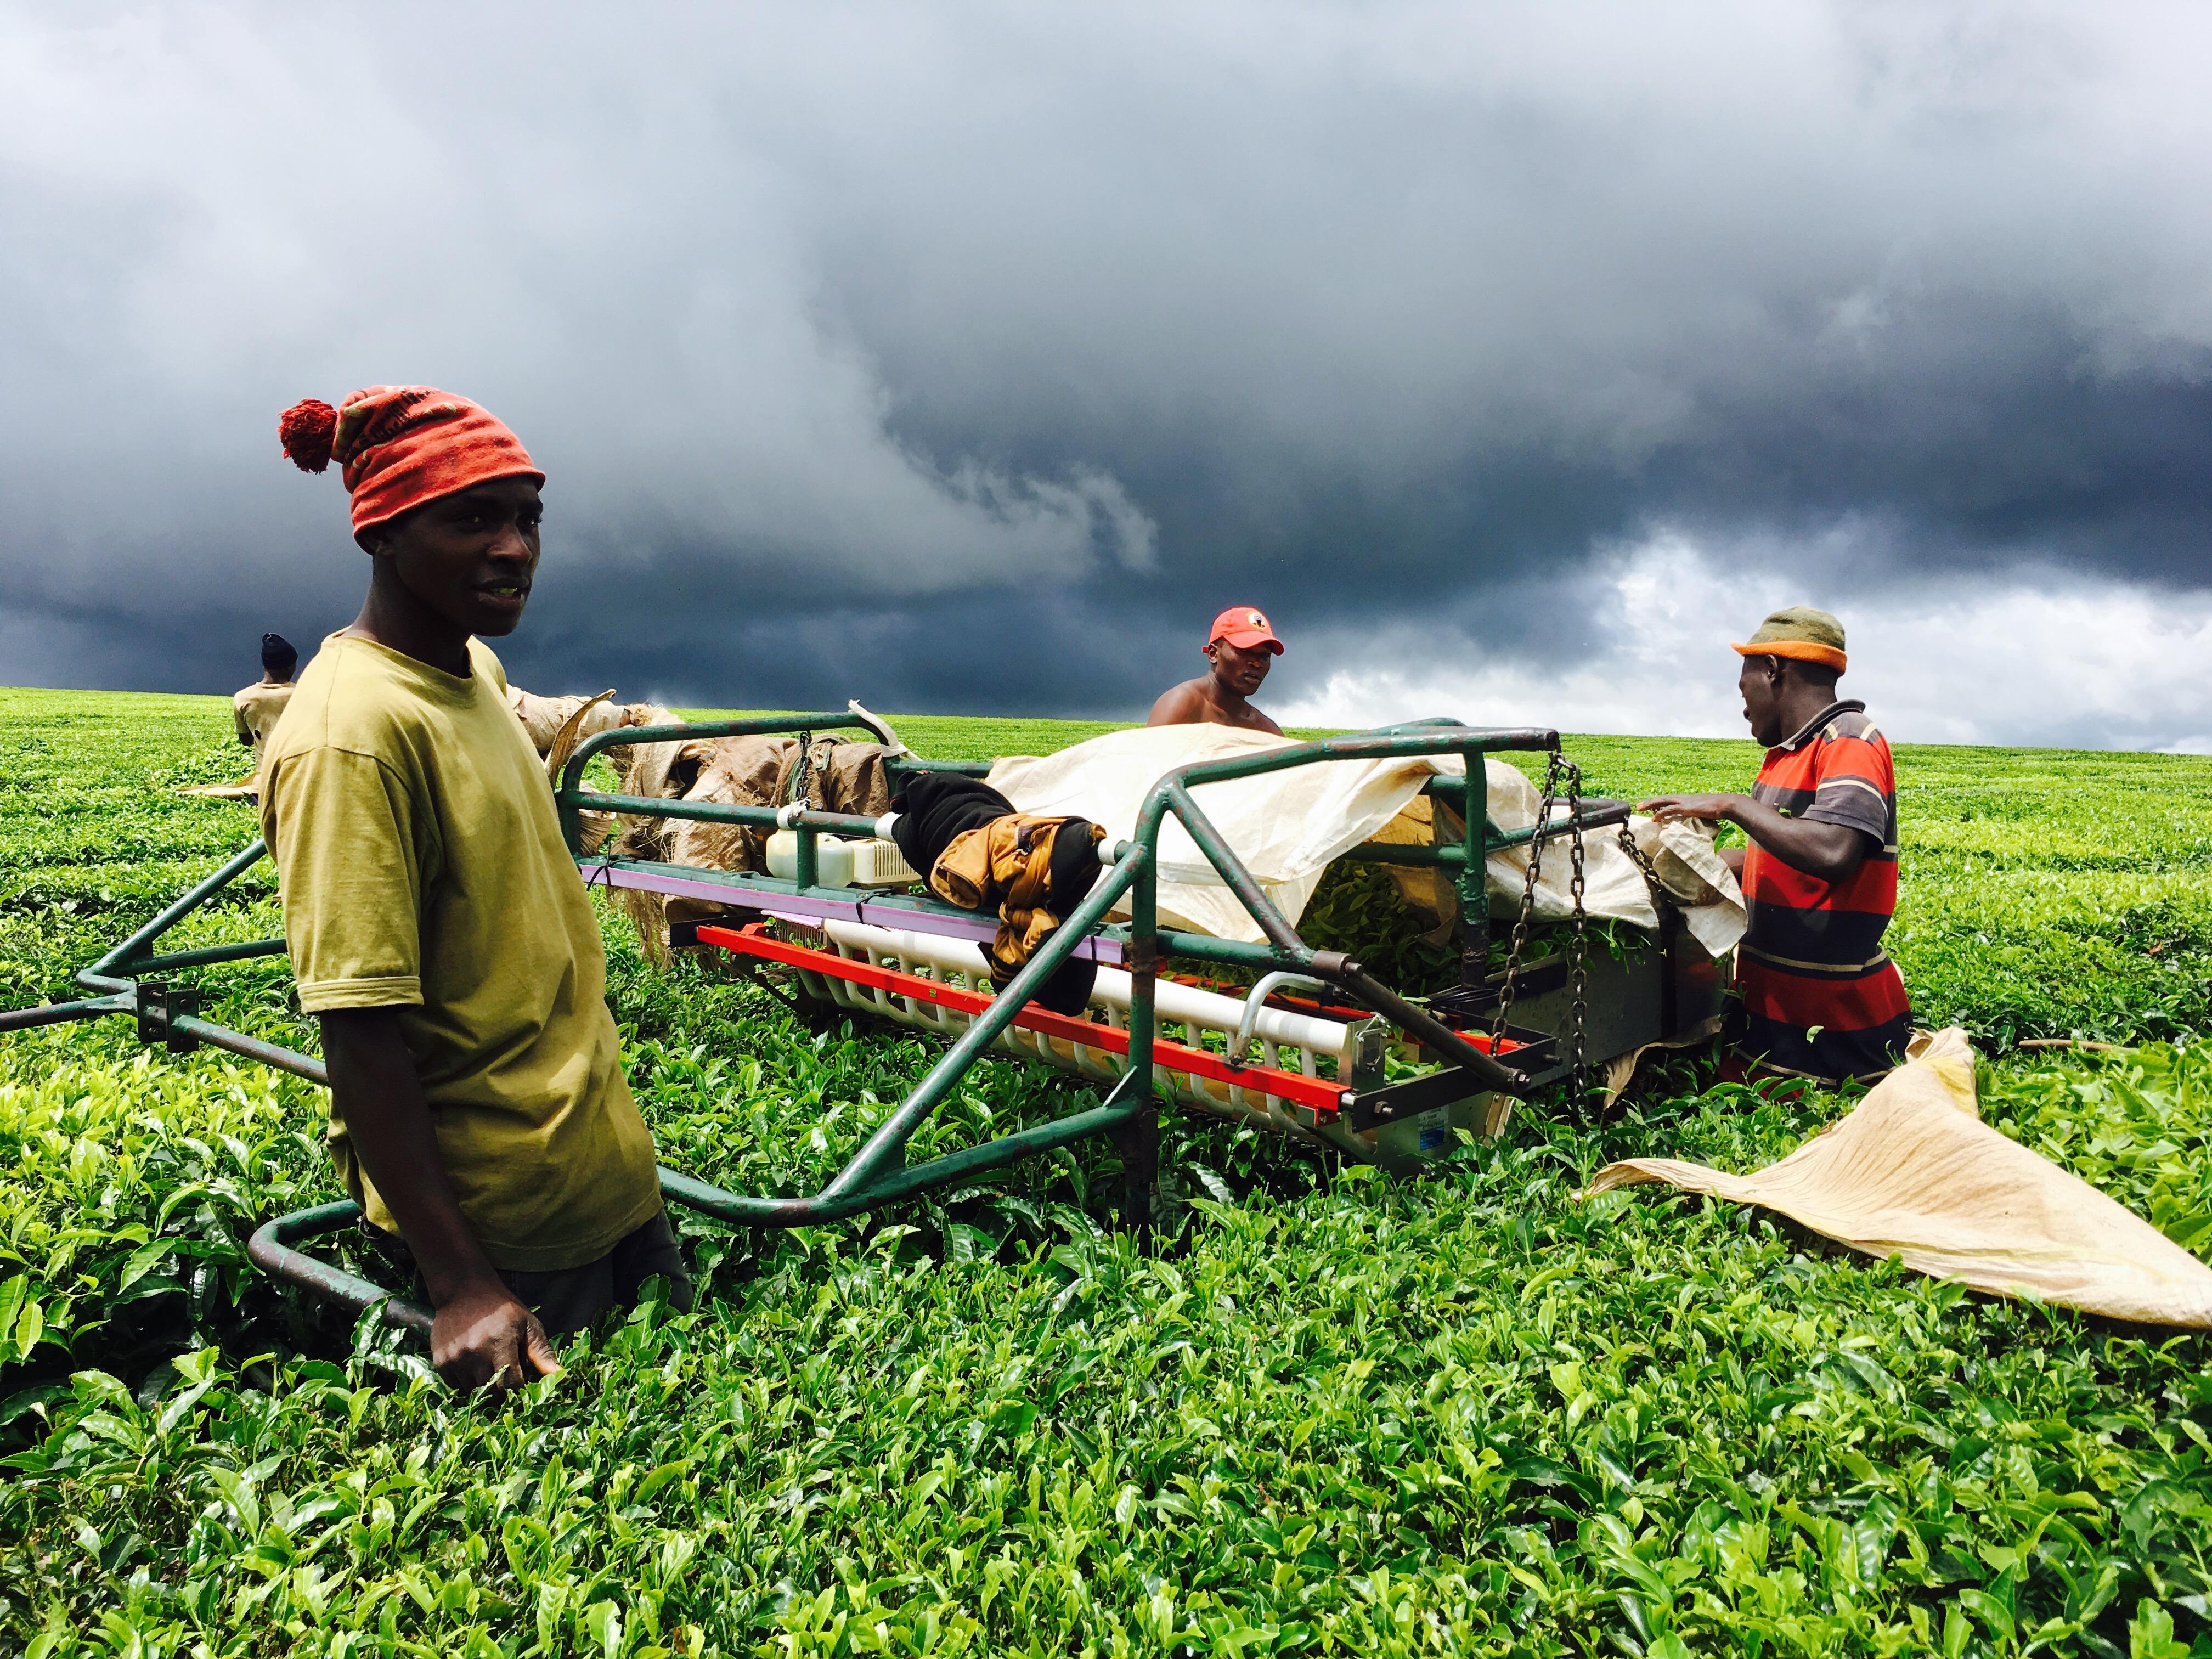 """タンザニアの人々にとって、""""働く""""とは 〜あなたは何のためにお金を稼ぎますか?〜"""